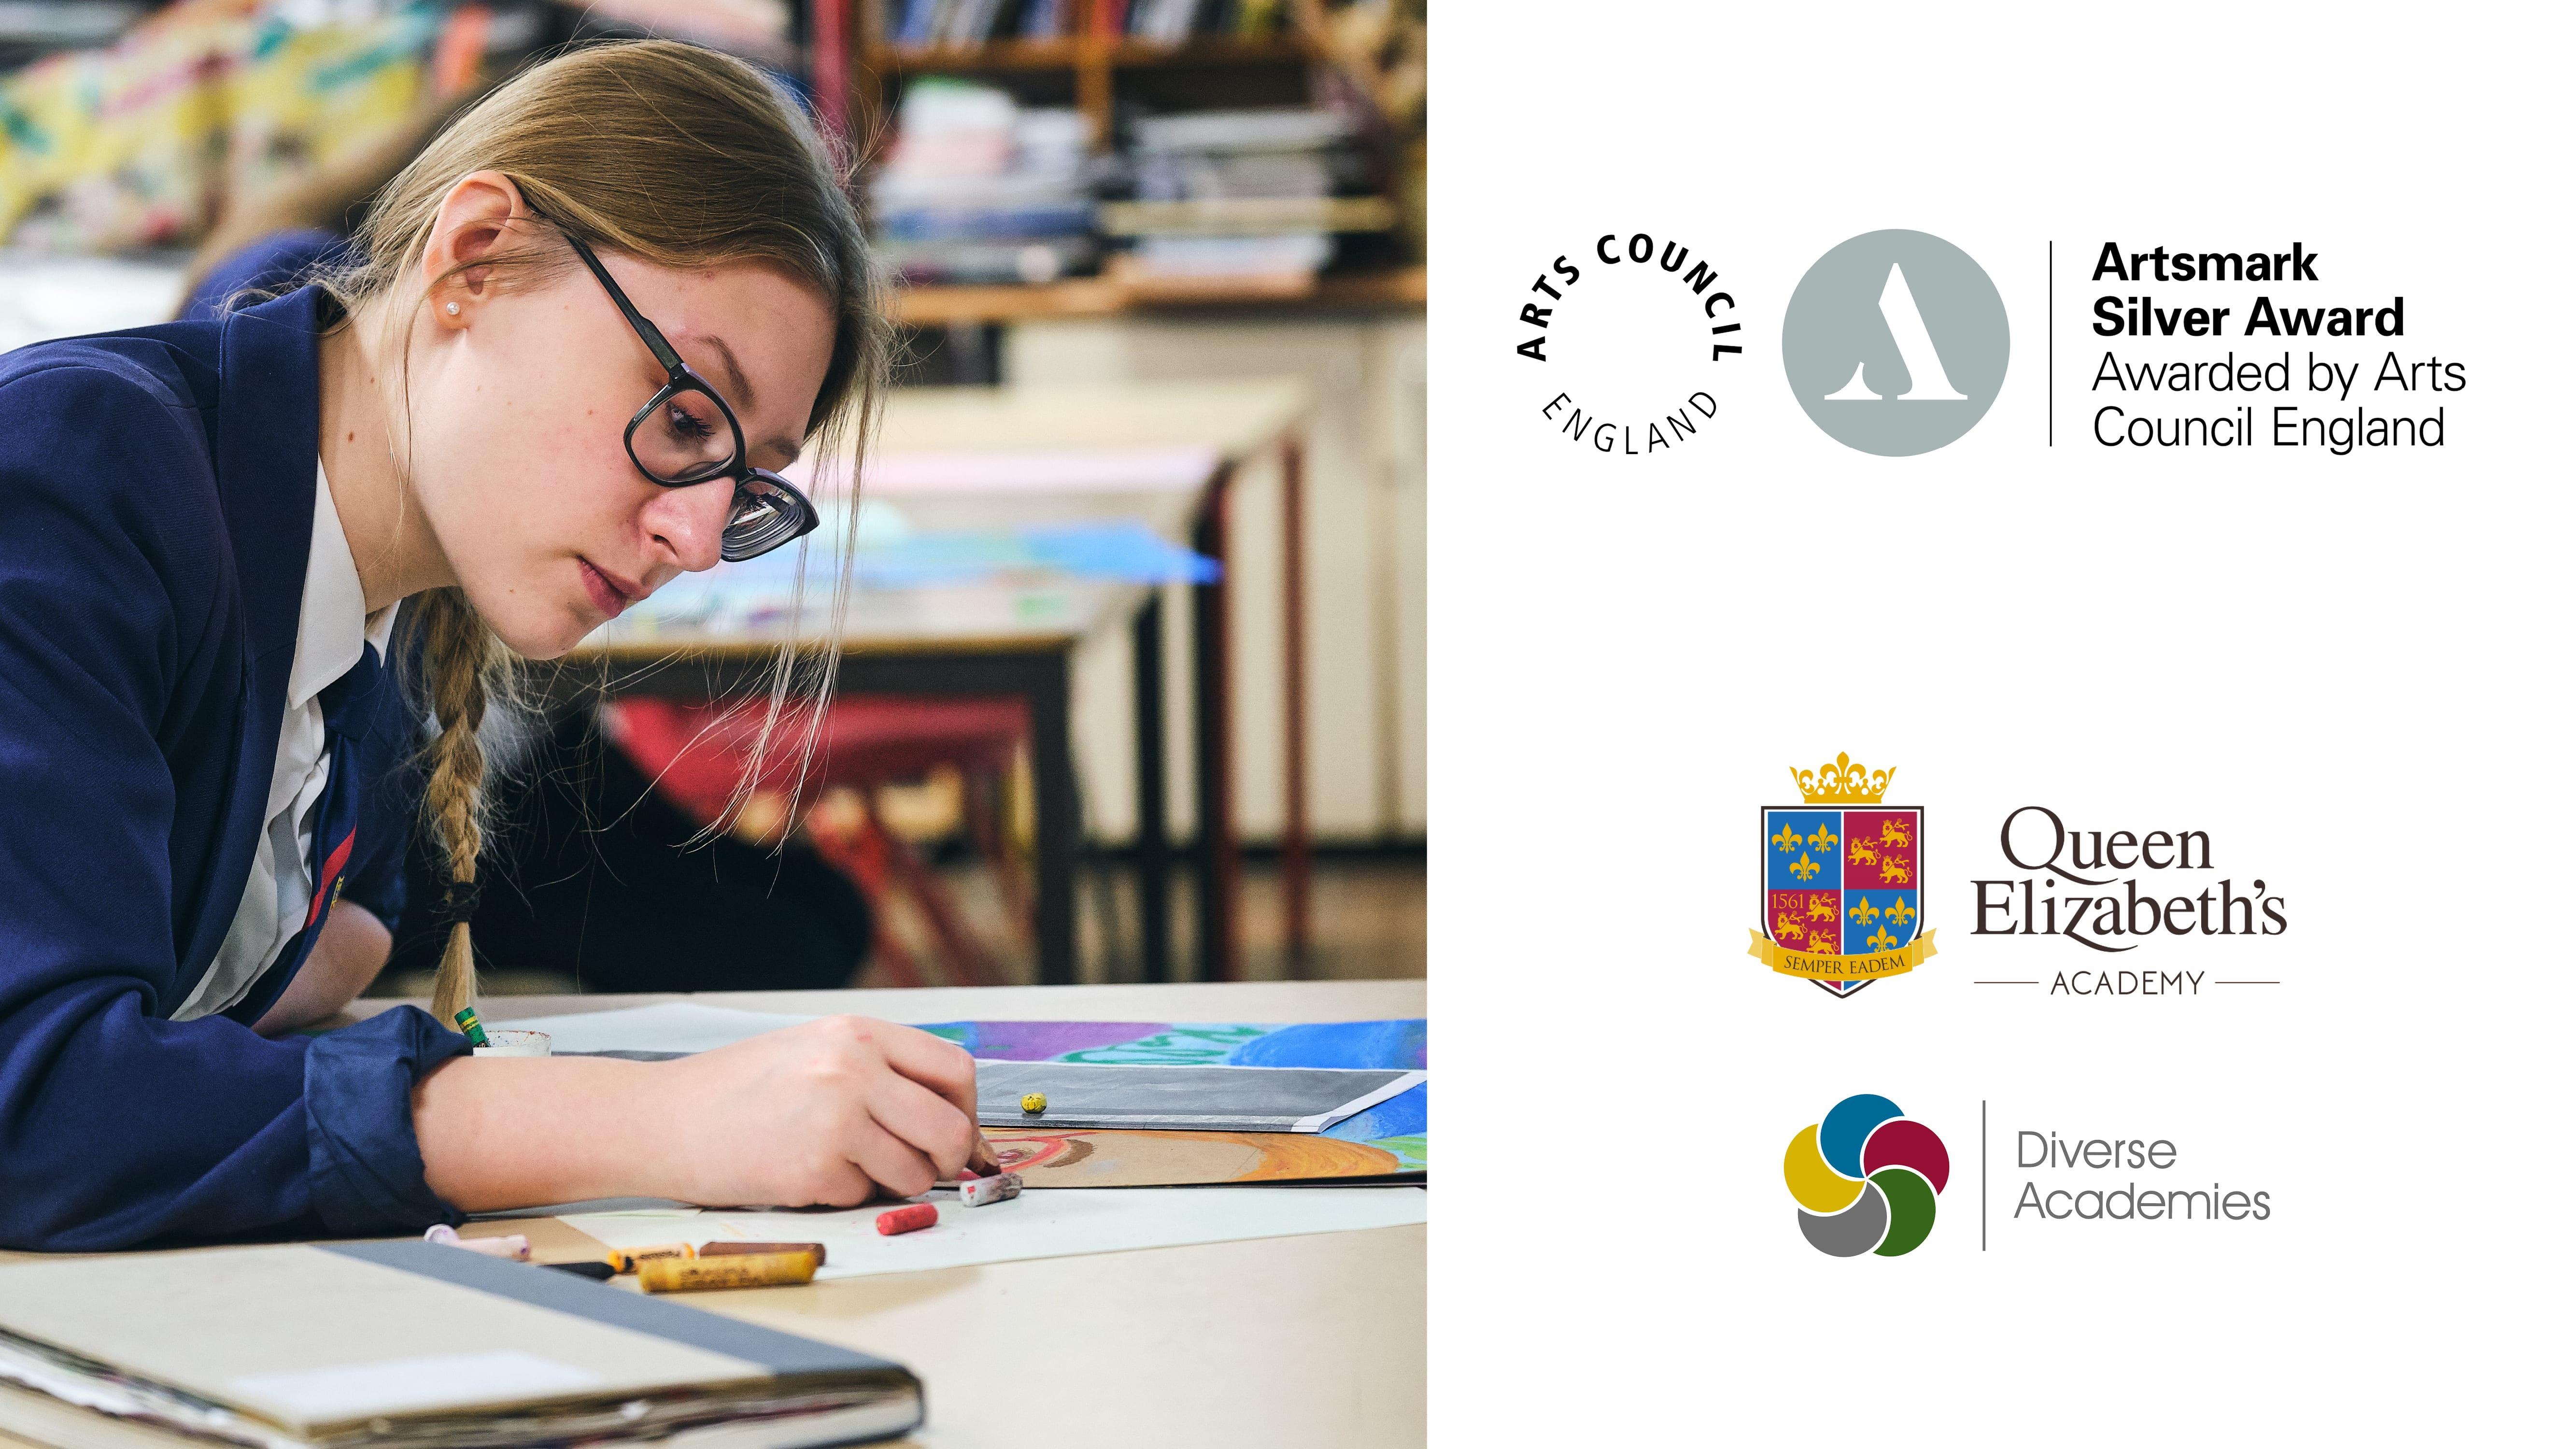 Arts curriculum recognised with prestigious award